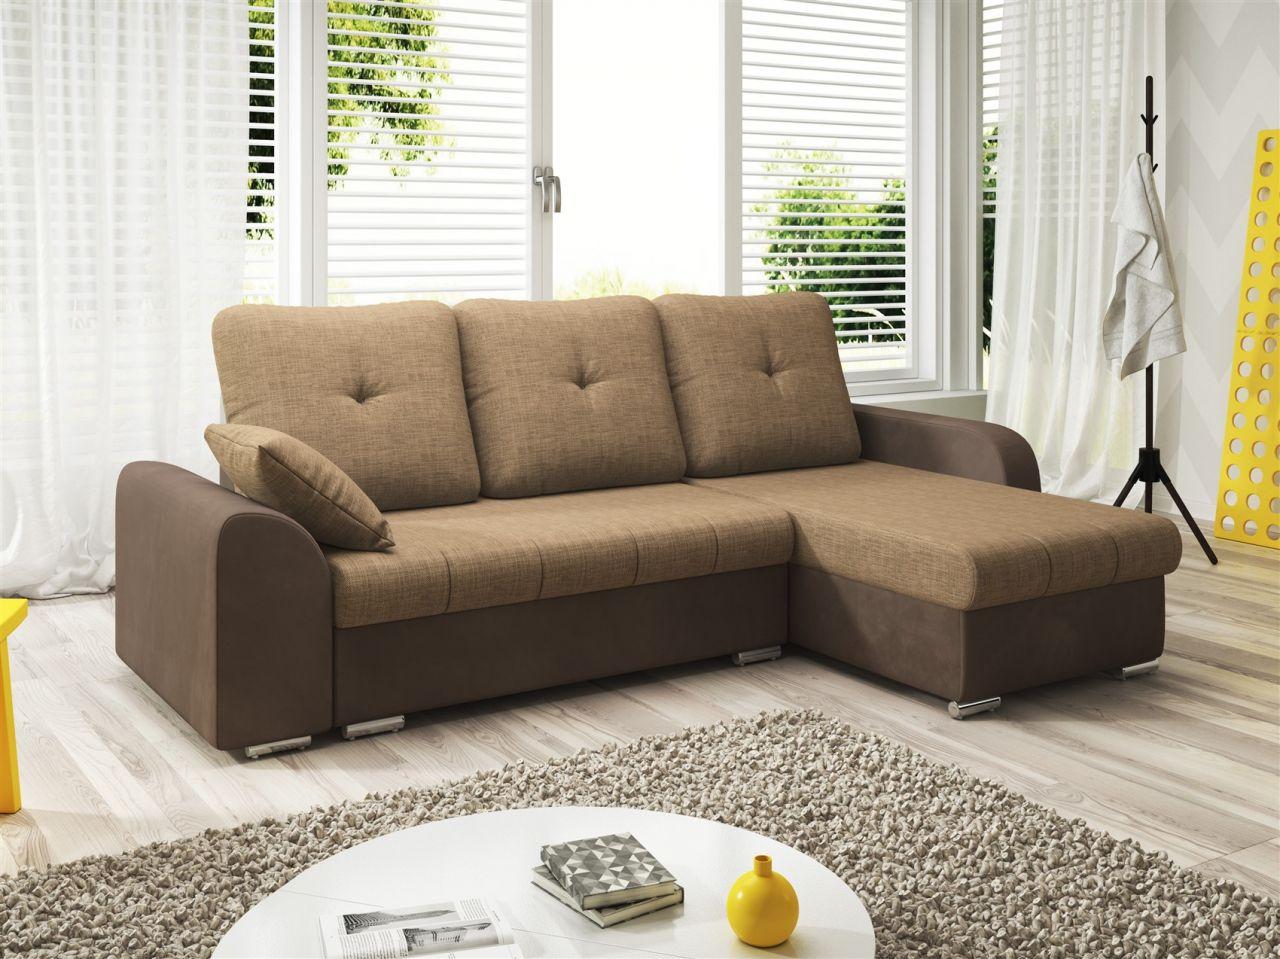 ecksofa sofa dekos mit schlaffunktion braun beige. Black Bedroom Furniture Sets. Home Design Ideas